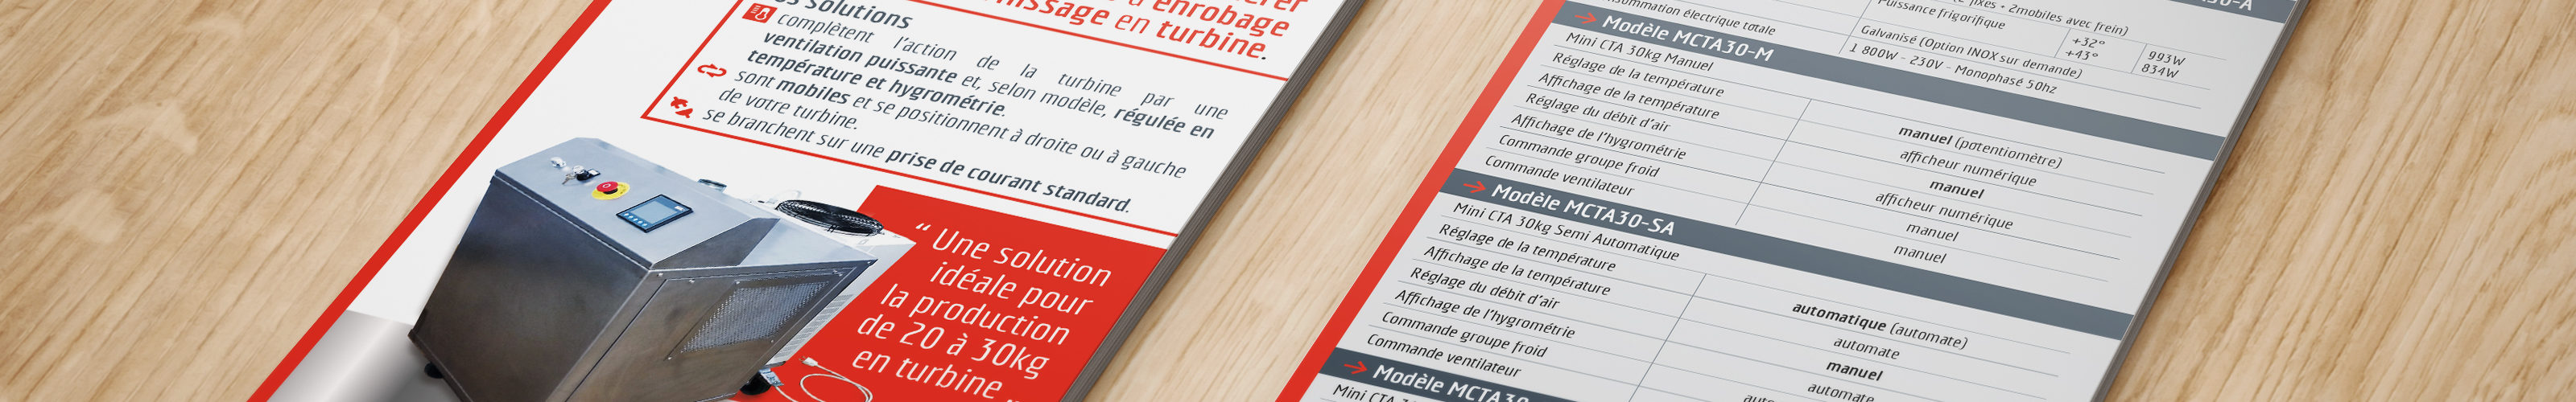 Plaquette de présentation de la solution Mini CTA conçue par AT-Concept.